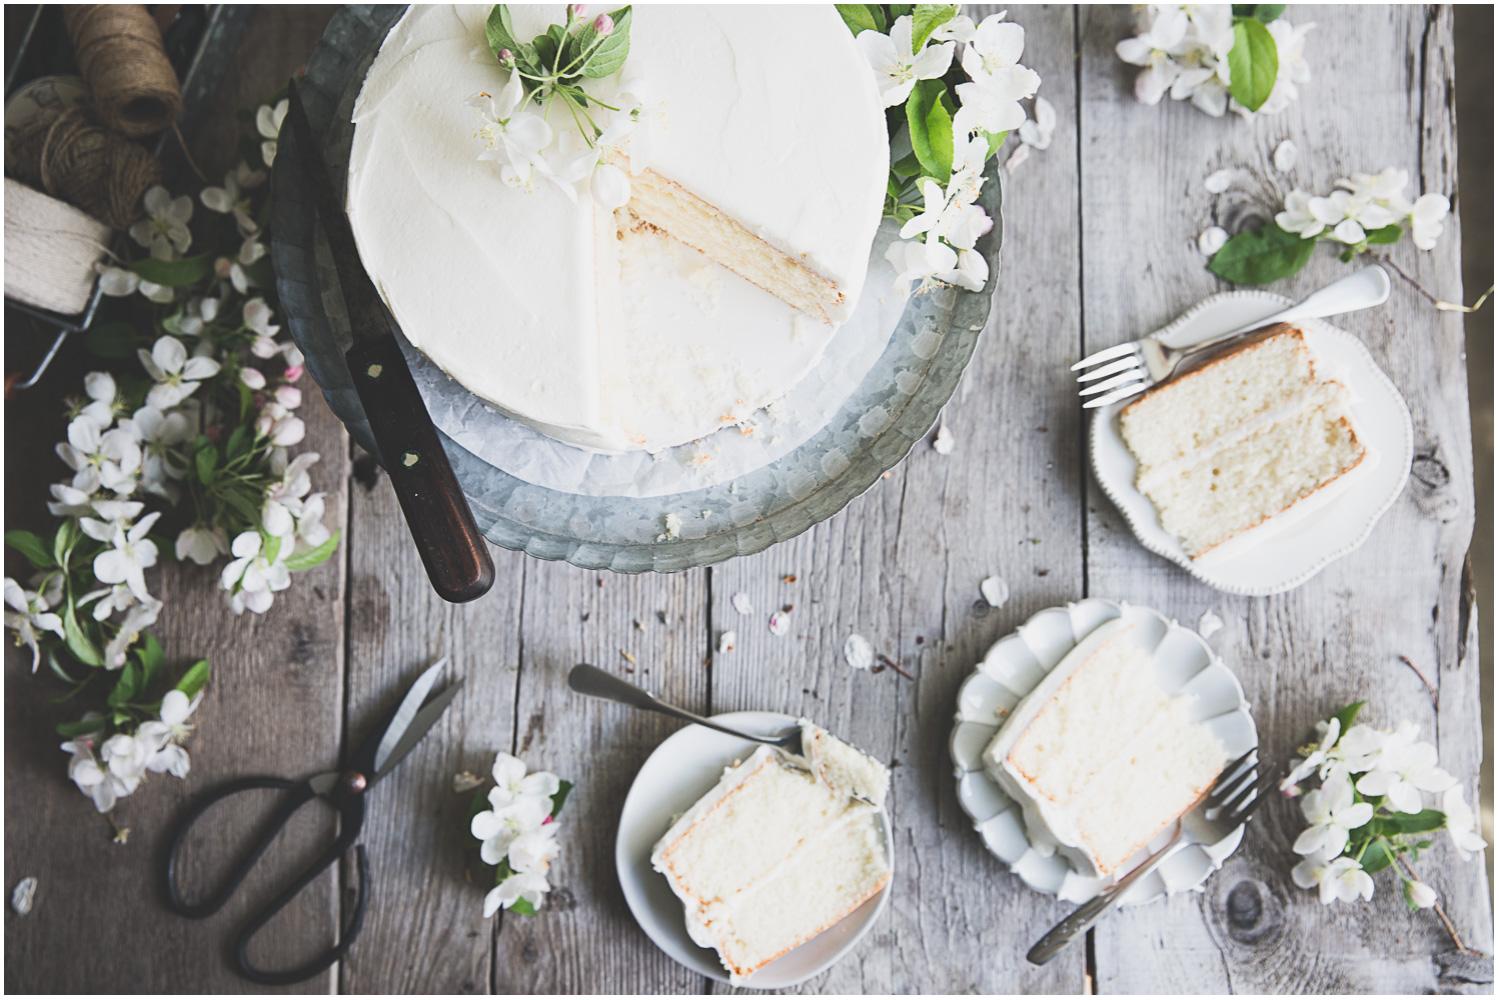 Bragg_Kate_White_Cake_Apple_Blossom_10.jpg